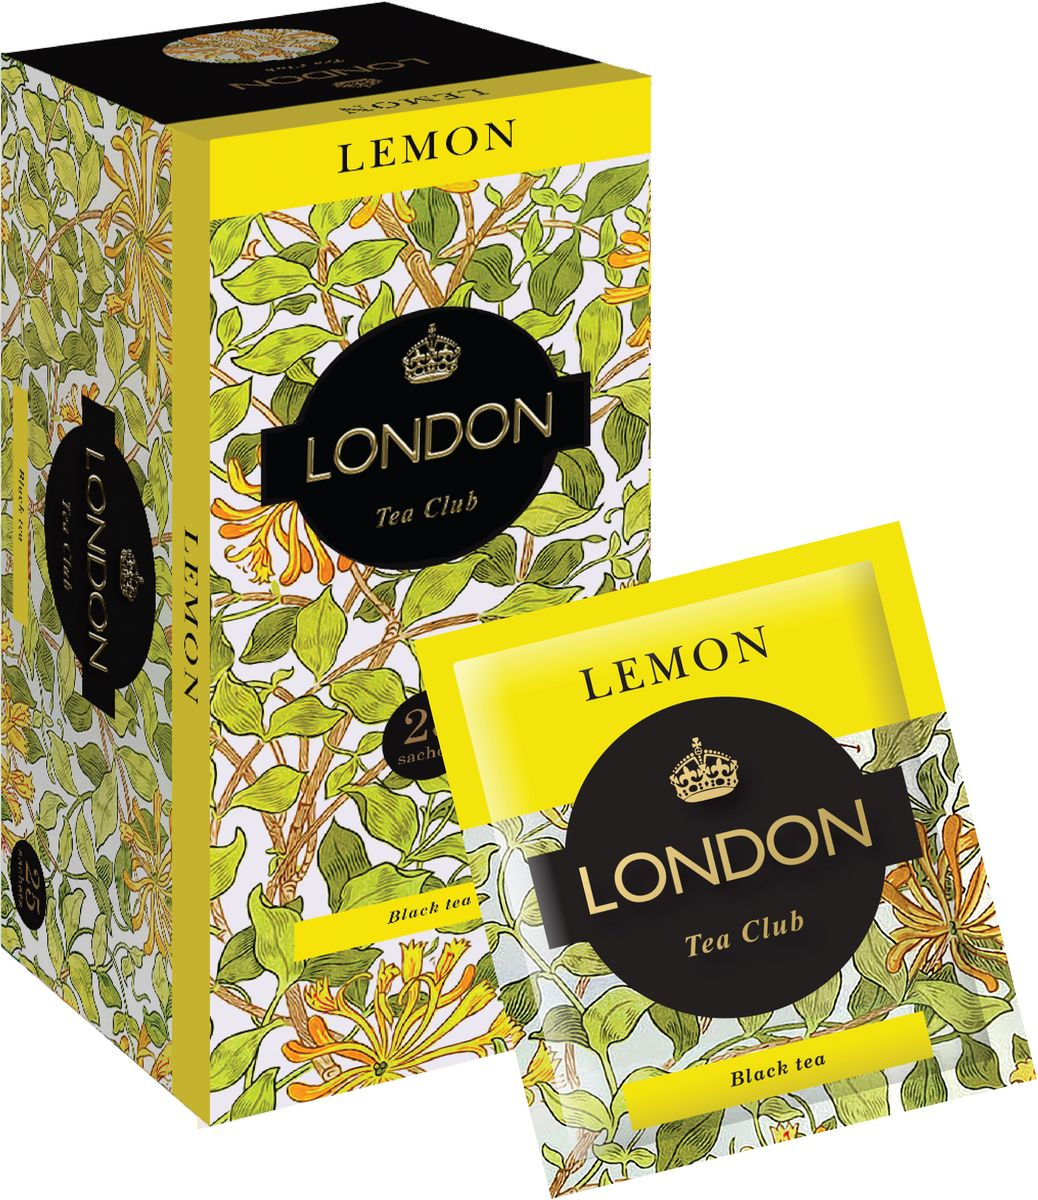 London Tea Club Лимон чай черный в пакетиках, 25 шт принцесса нури лимон черный чай в пакетиках 25 шт